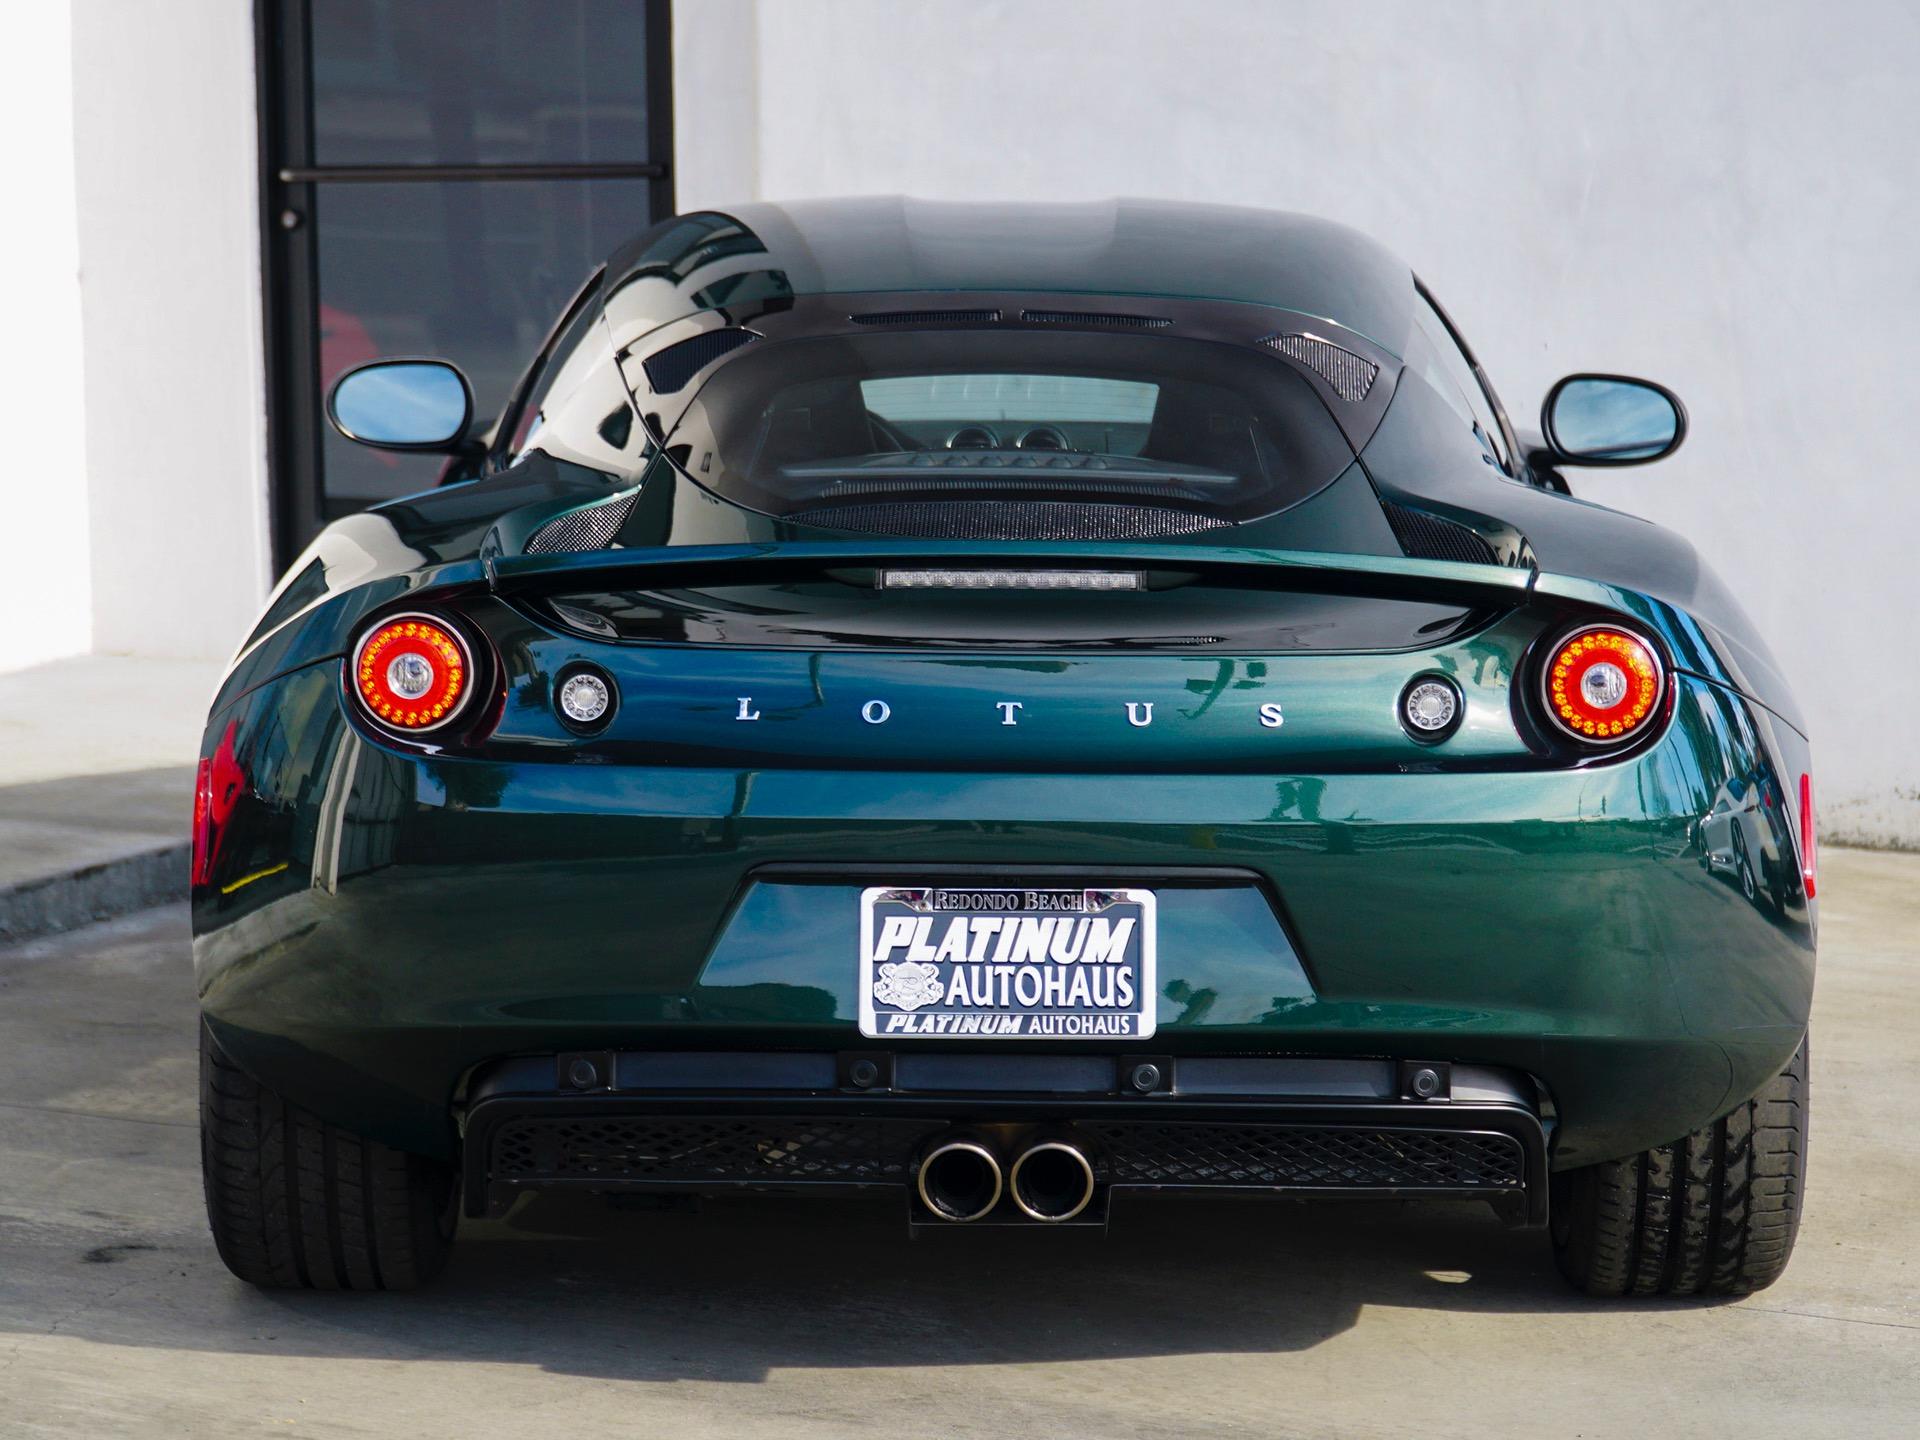 Used-2013-Lotus-Evora-2+2